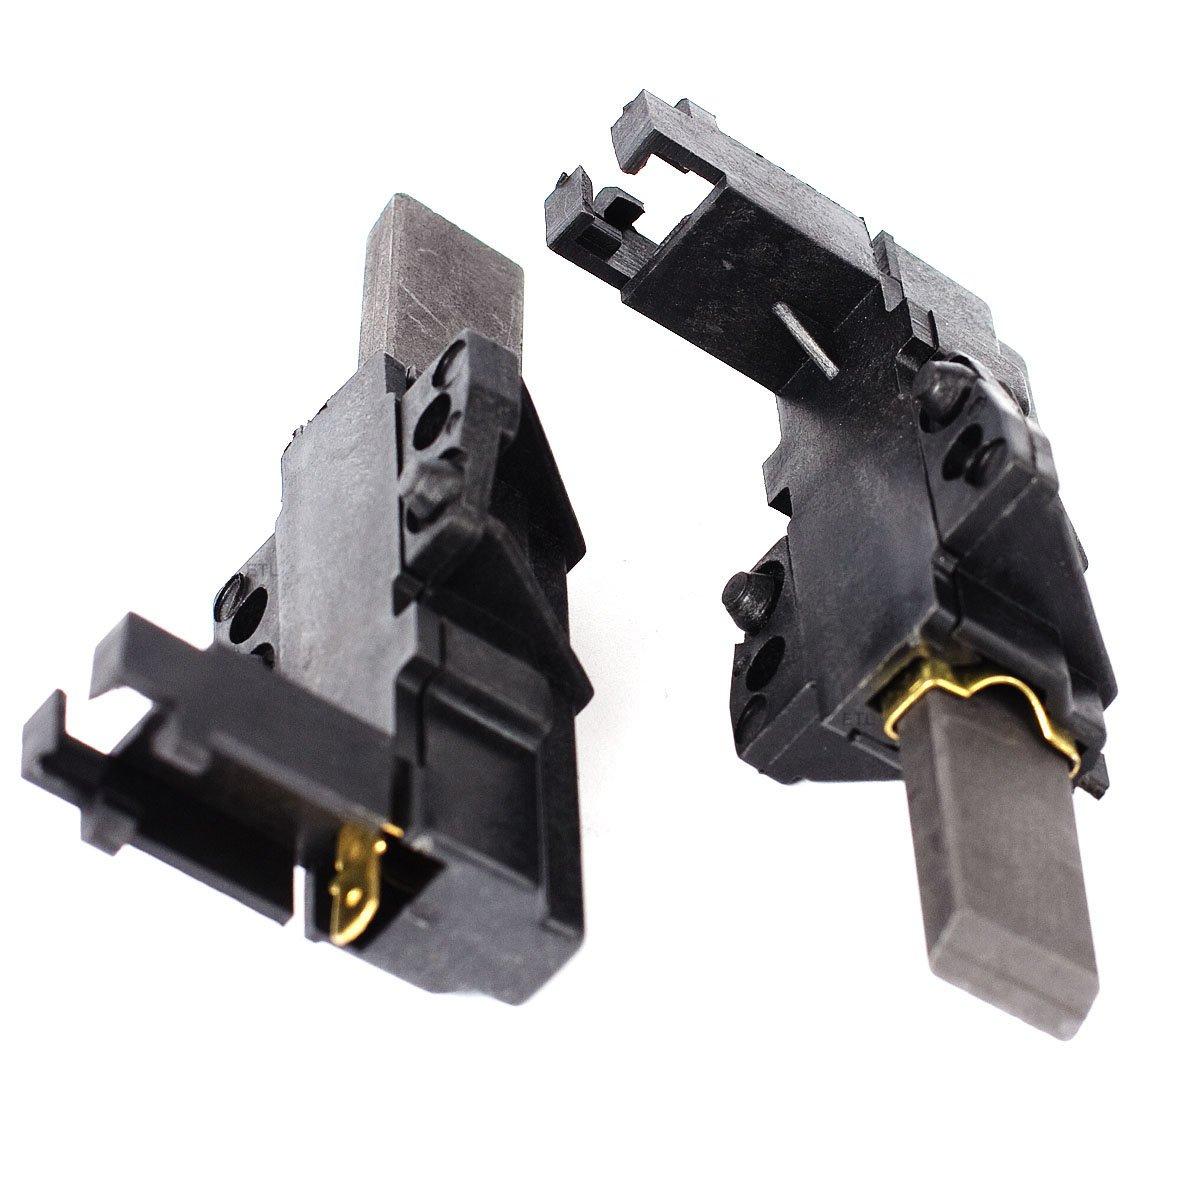 Motor de las escobillas / cepillos para Bauknecht / lavadora whirlpool 4812362480.   Comentarios de clientes y más noticias